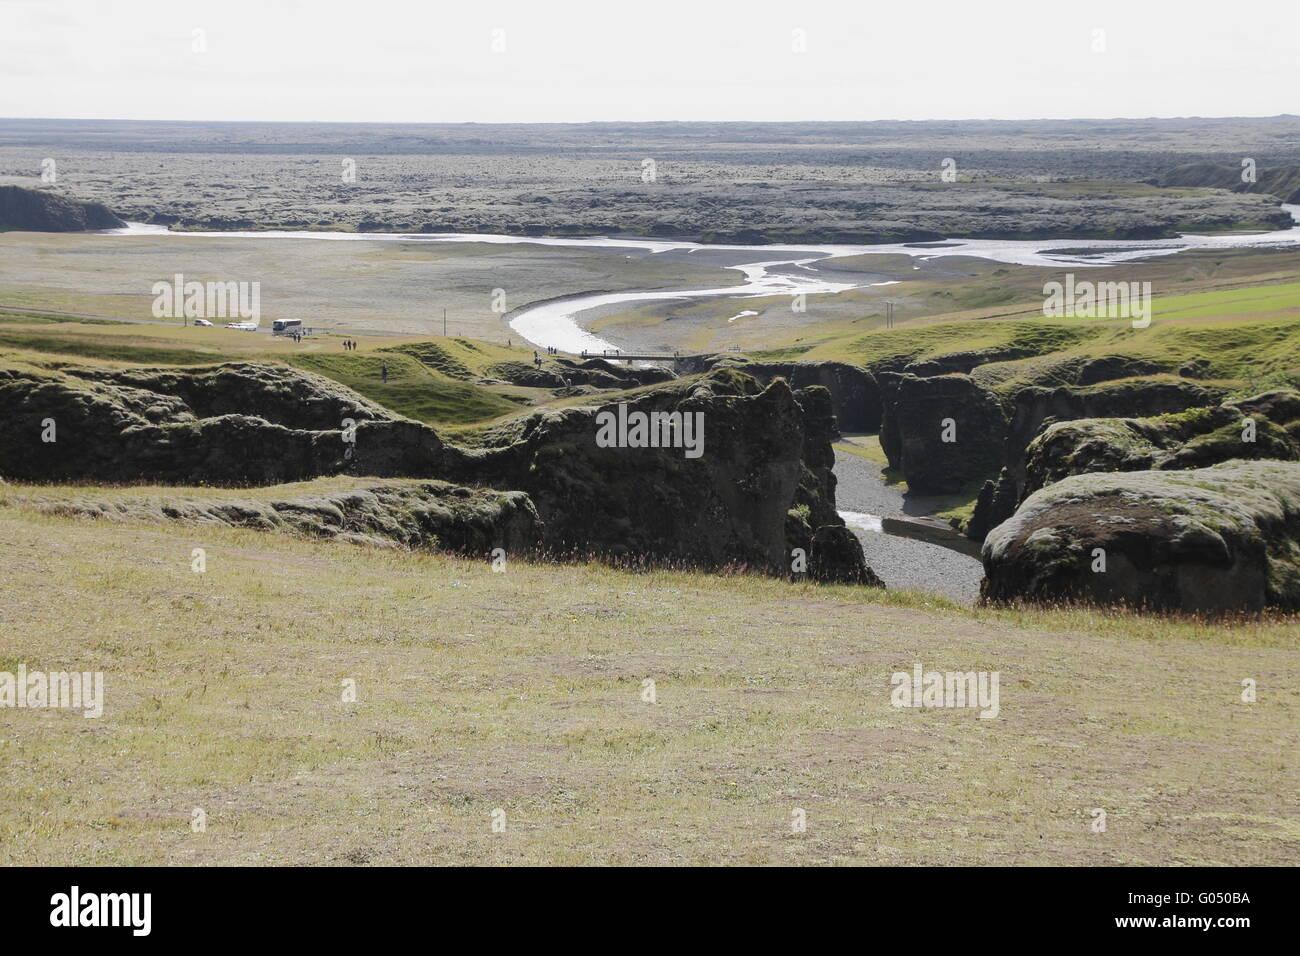 Fjaðrárgljúfur gorge and the Eldhraun lava field near to Kirkjubæjarklaustur village. Skaftárhreppur - Stock Image